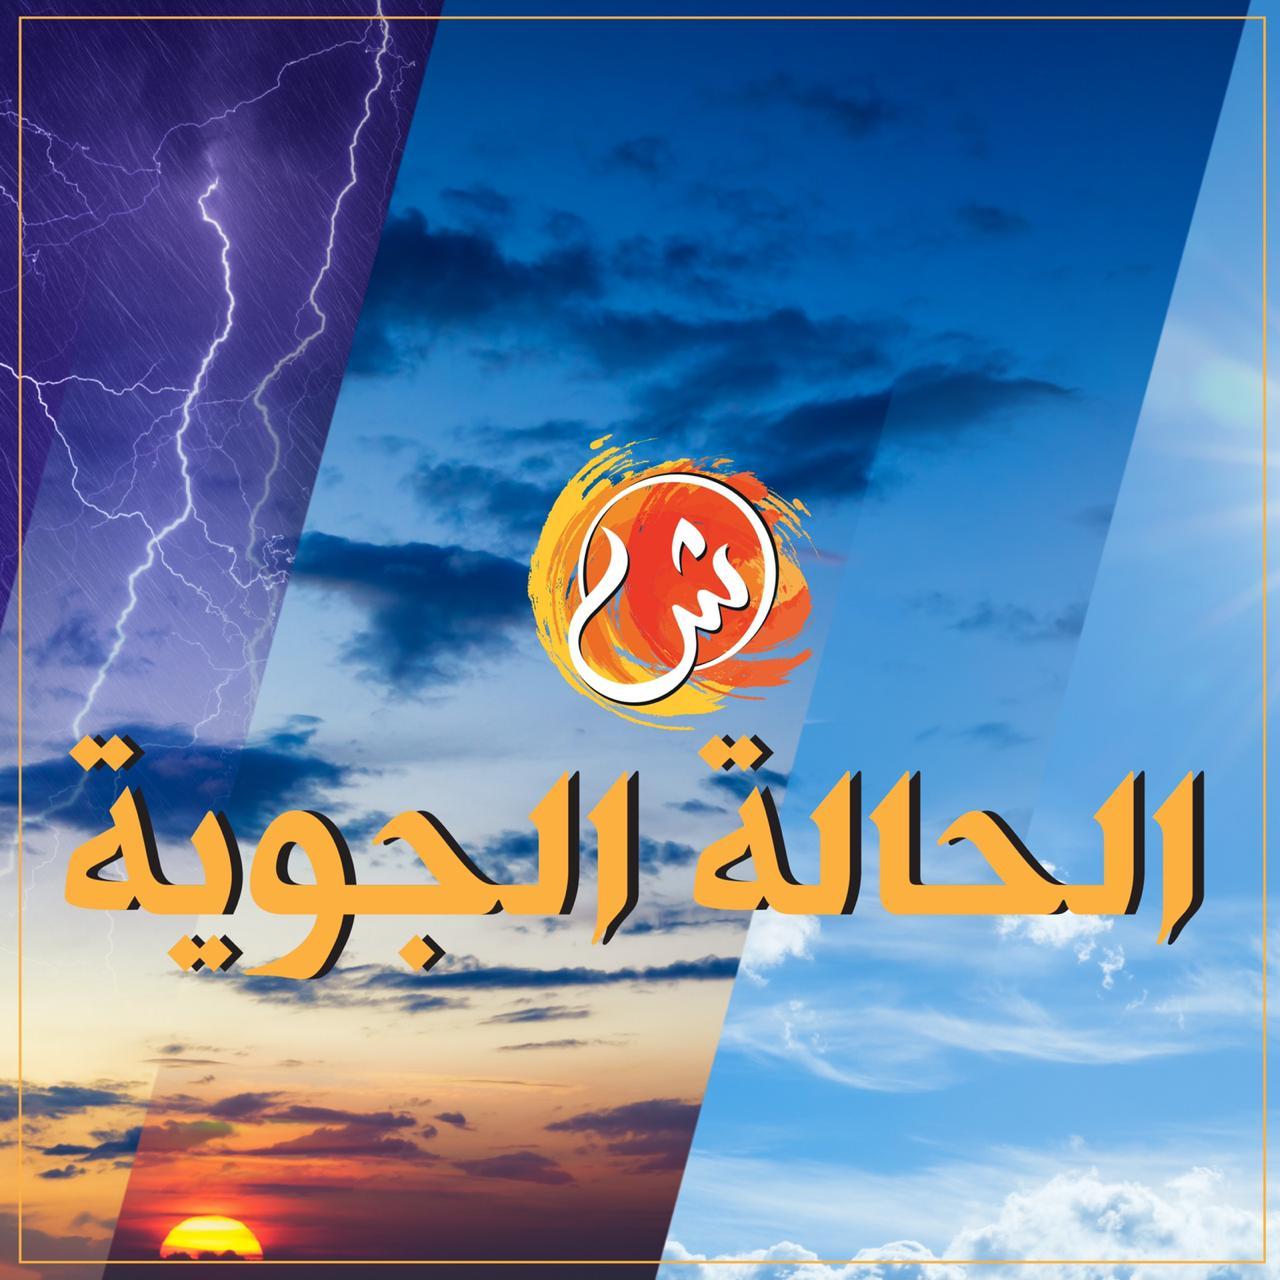 الطقس..استمرار تأثير الحالة الجوية على بحر العرب